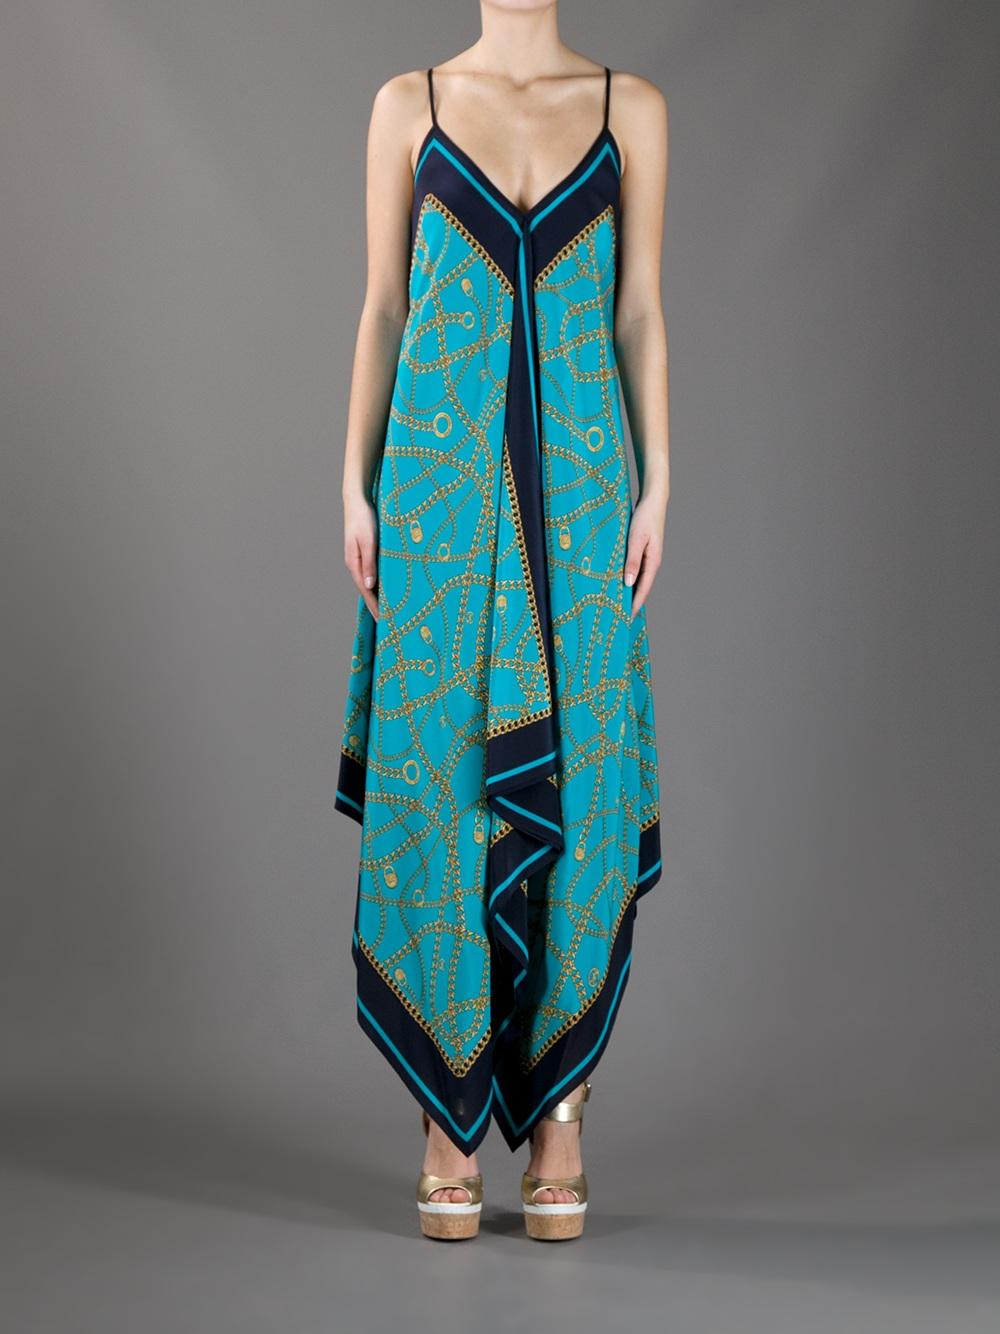 michael kors chain jewellery maxi dress in blue lyst